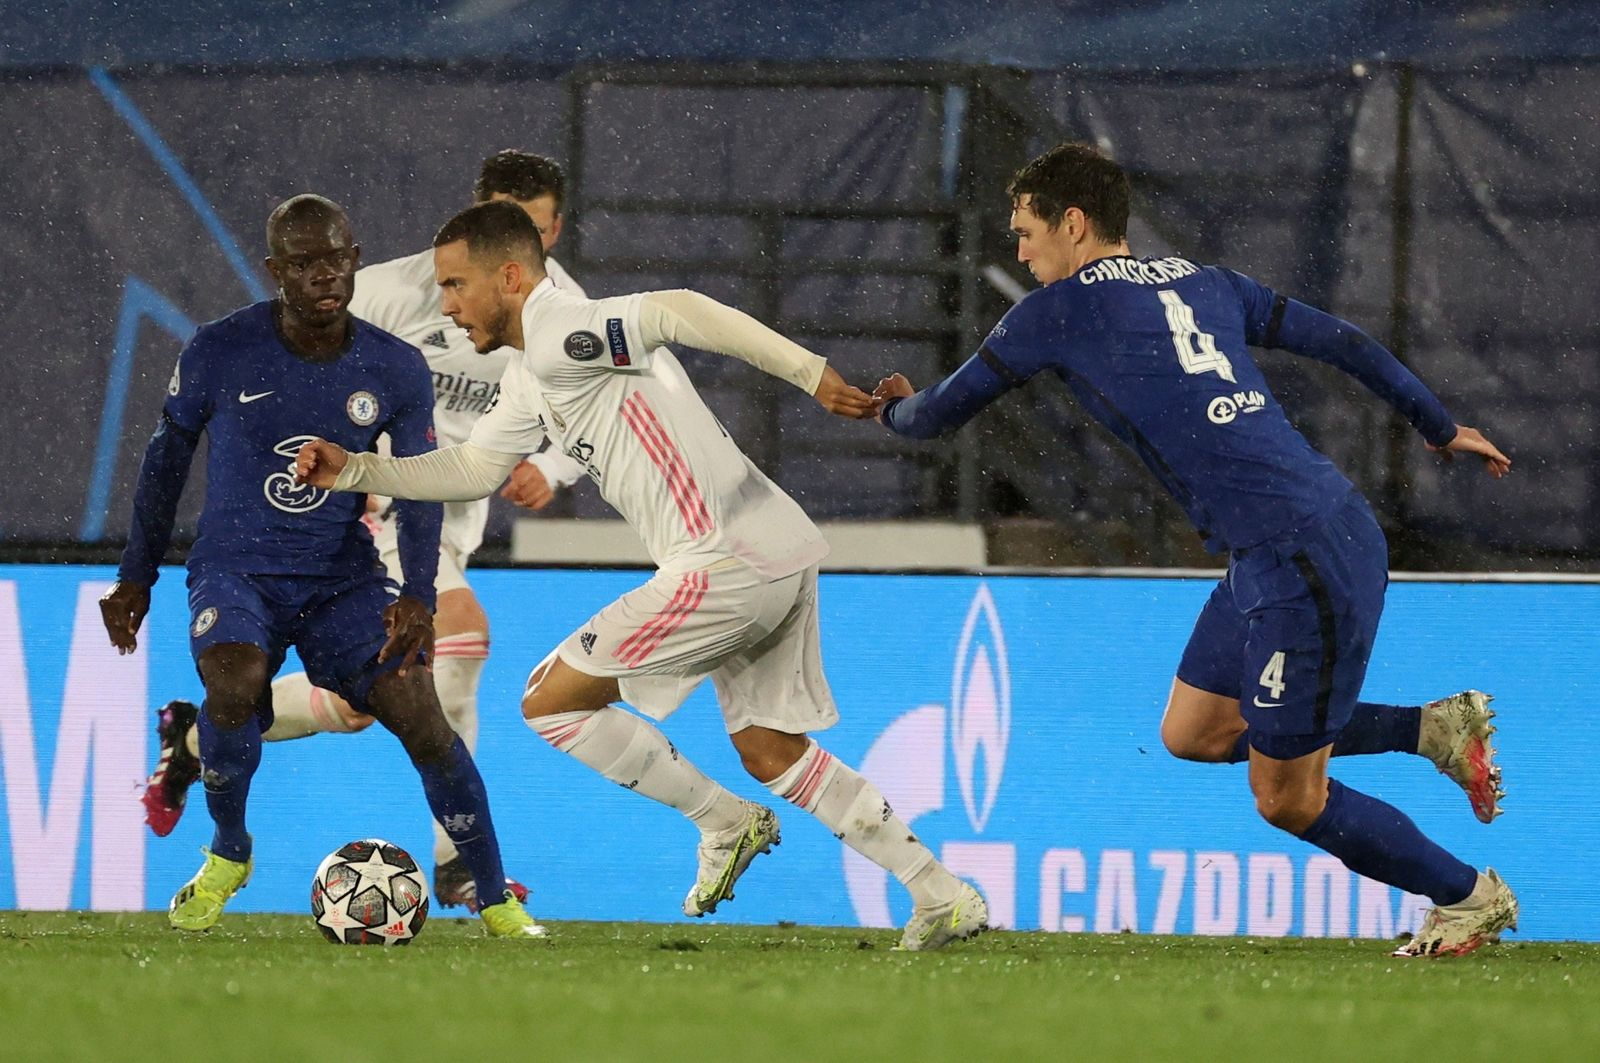 Real Madrid y Chelsea empatan en semifinal de ida en Champions League